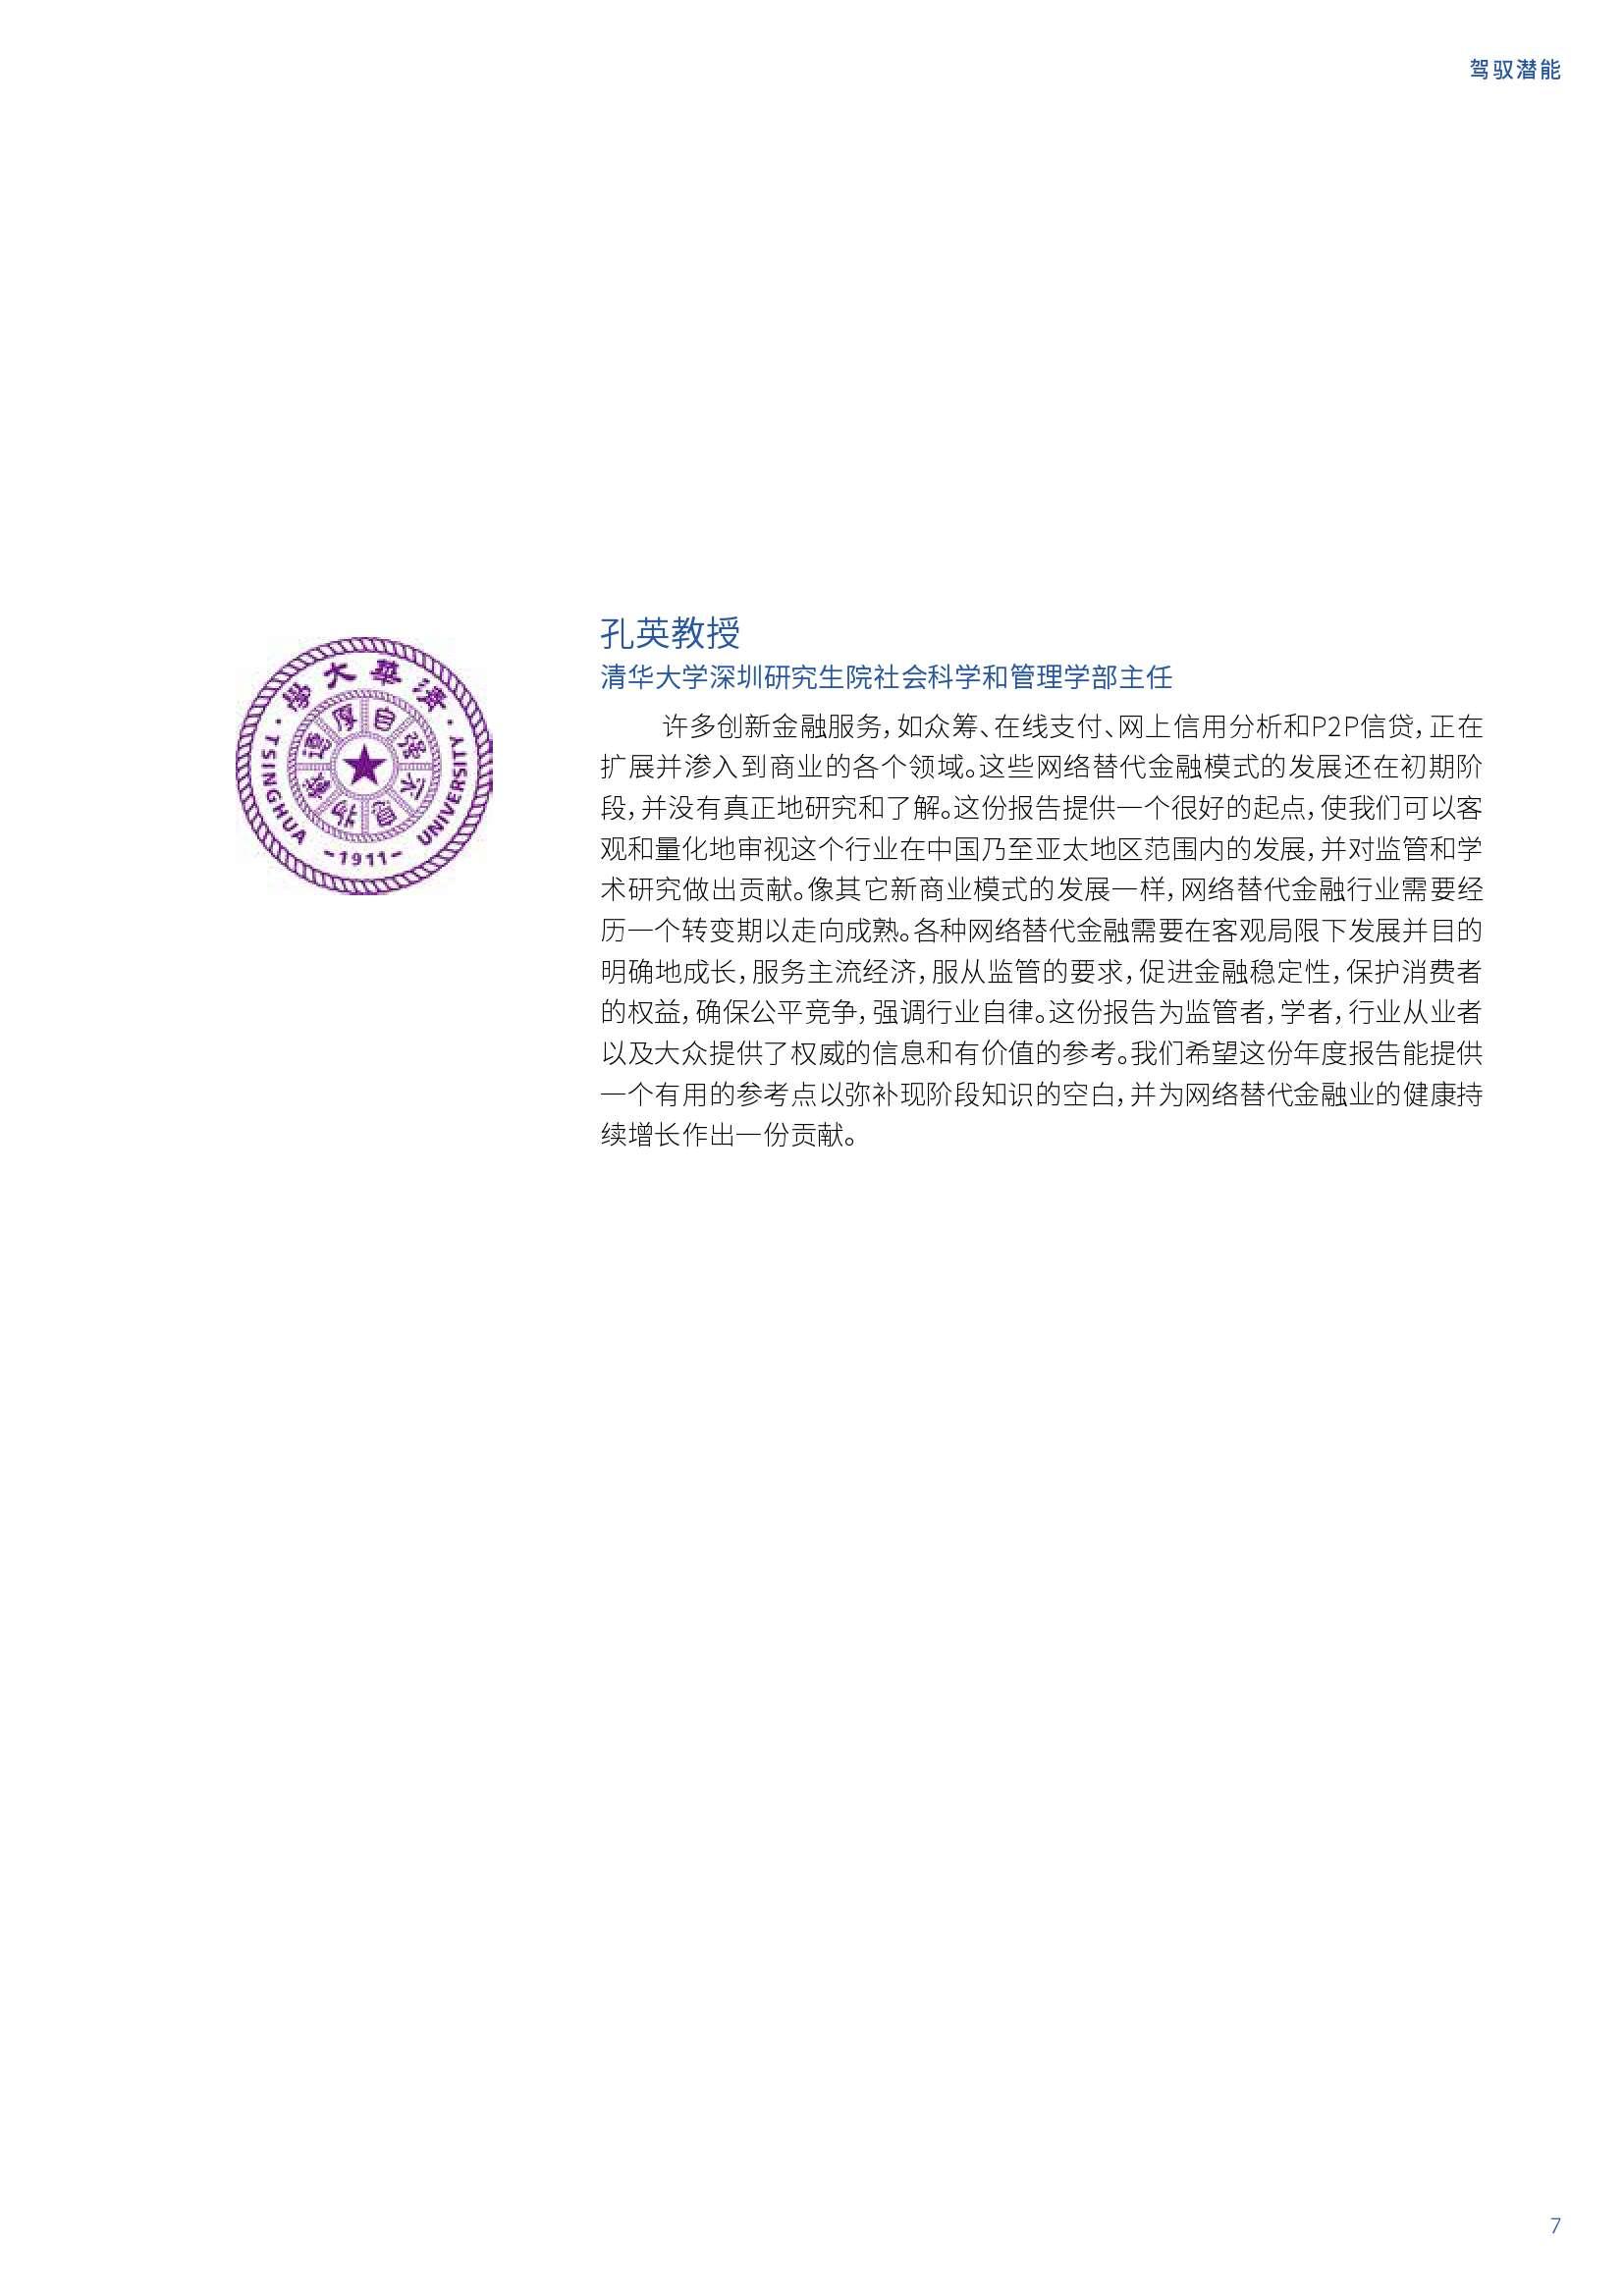 亚太地区网络替代金融基准报告_000007